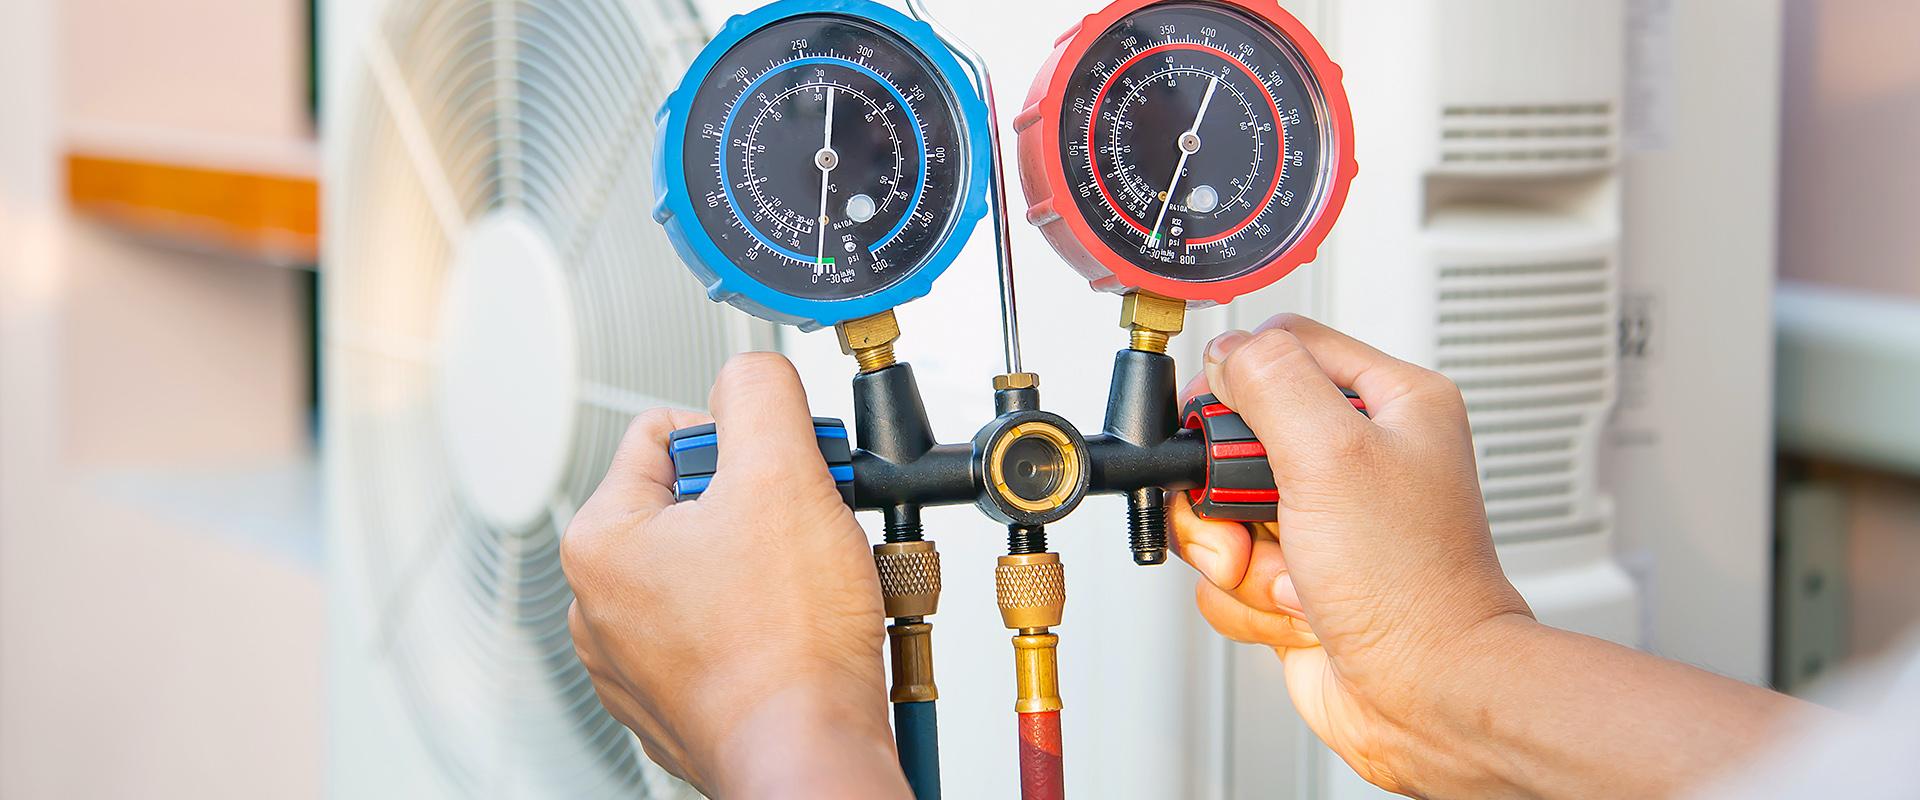 Pompe à chaleur ou installation gaz propane : le plus facile à entretenir ?